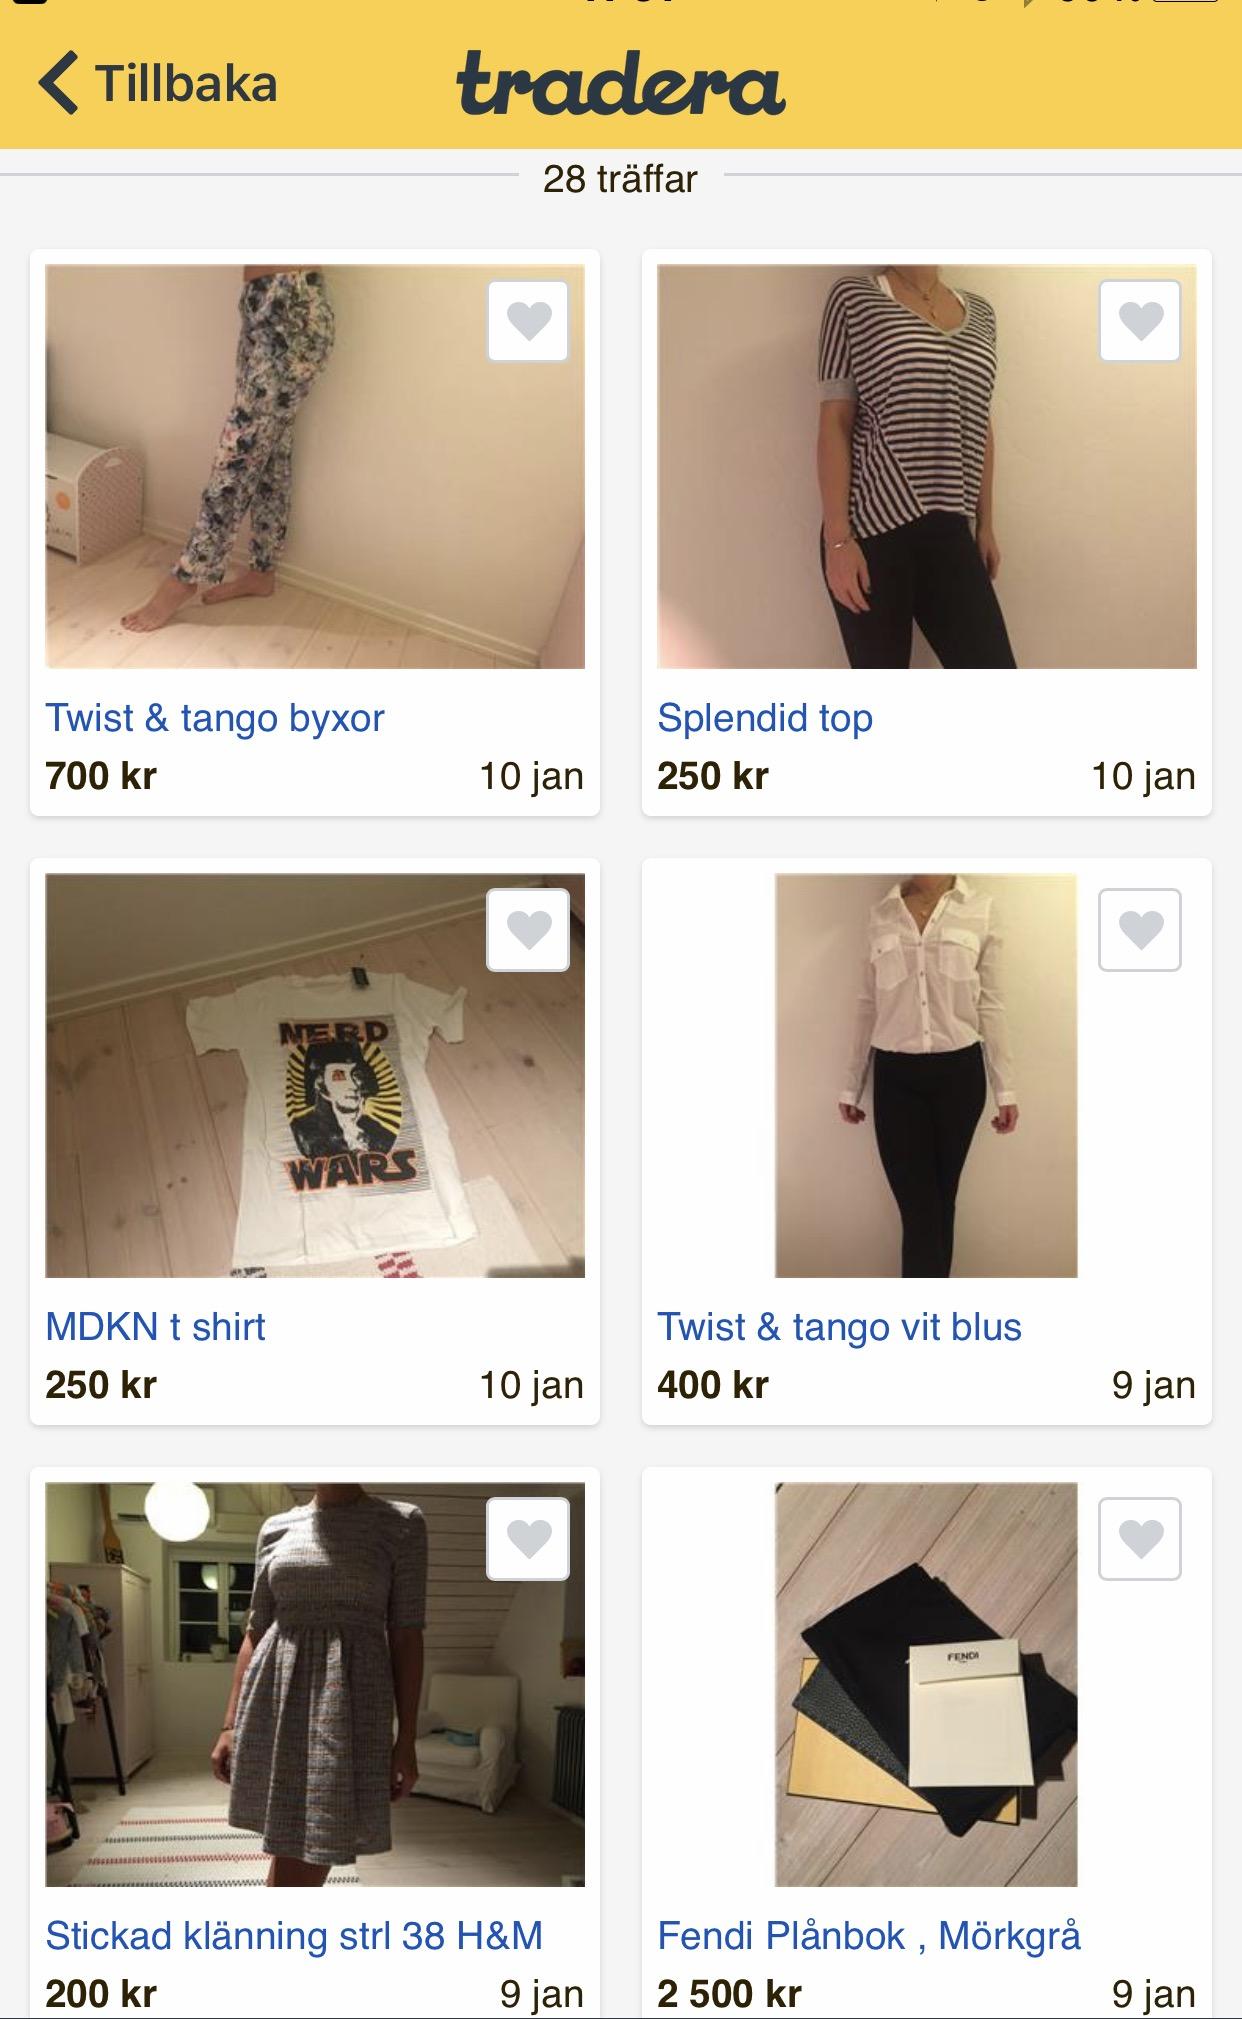 Shopen på Tradera.se